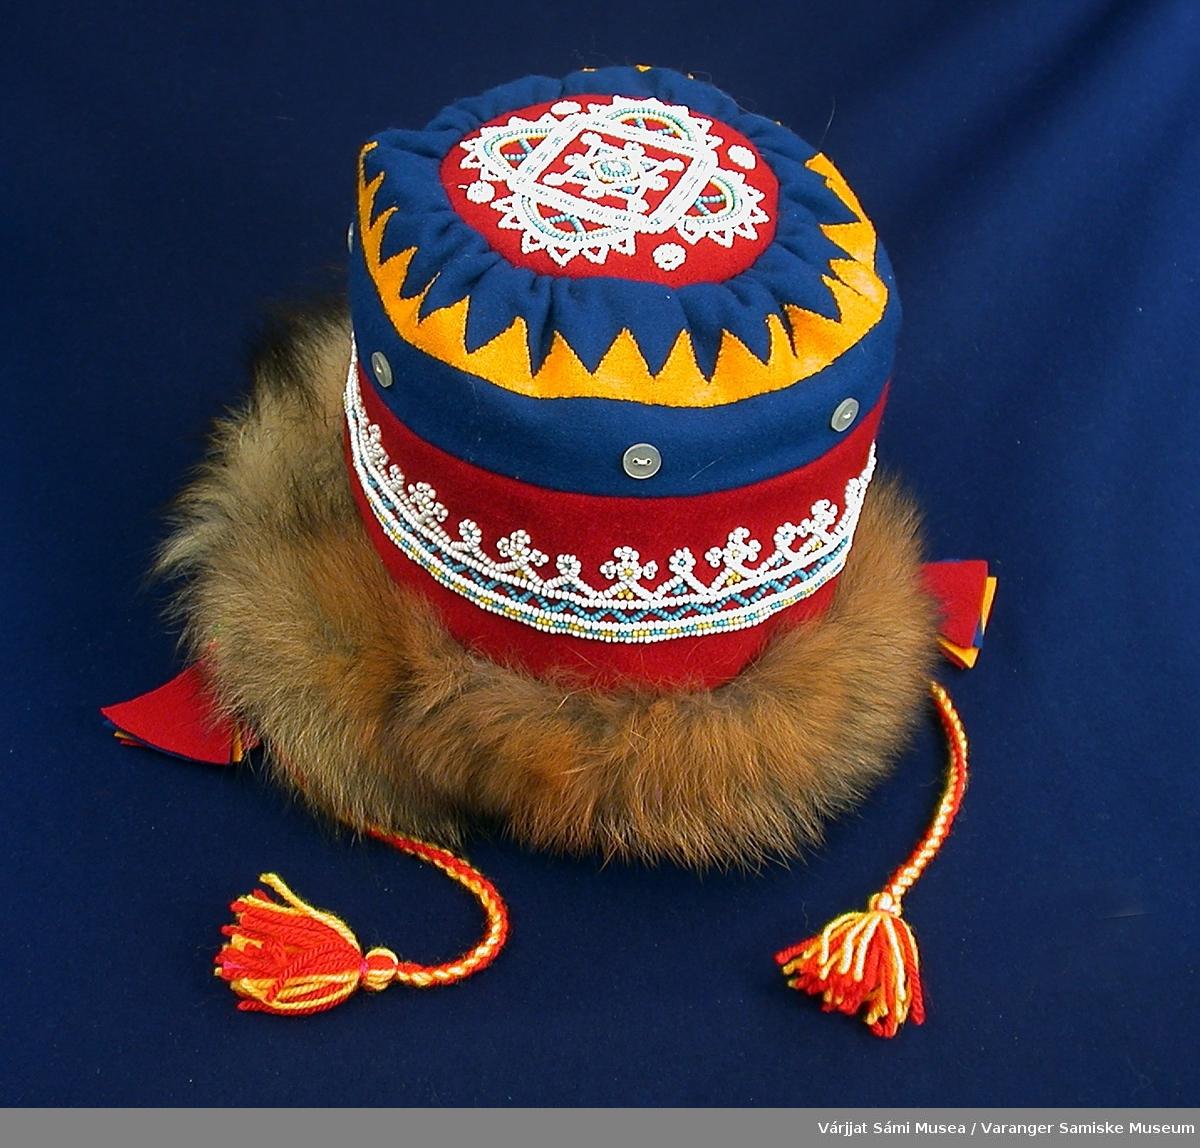 Jentelue av klede og reveskinn dekorert med perler og knapper. Kledet er i rødt, blått og gult, hvorav det gule utgjør en del av dekorasjonen i form av et sik-sak-bånd. Perlebroderiene er av små glassperler i hvitt, gult og lyseblått. Det ene broderiet går som et bånd rundt hele lua, det andre er en stor rose på toppen av lua.. Rundt lua, over perlebåndet og soom en del av rosemotivet, er det sydd fast halvblanke, hvite knapper. Lua er kantet med reveskinn nederst, nærmest ansiktet. Lua knyttes under haka med tvunnede snorer av ullgarn i gult og rødt. I enden av snorene er det dusker av samme garn. I andre enden av snorene, der de er festet til lua, henger det en dusk på hver side laget av klede i rødt og gult.